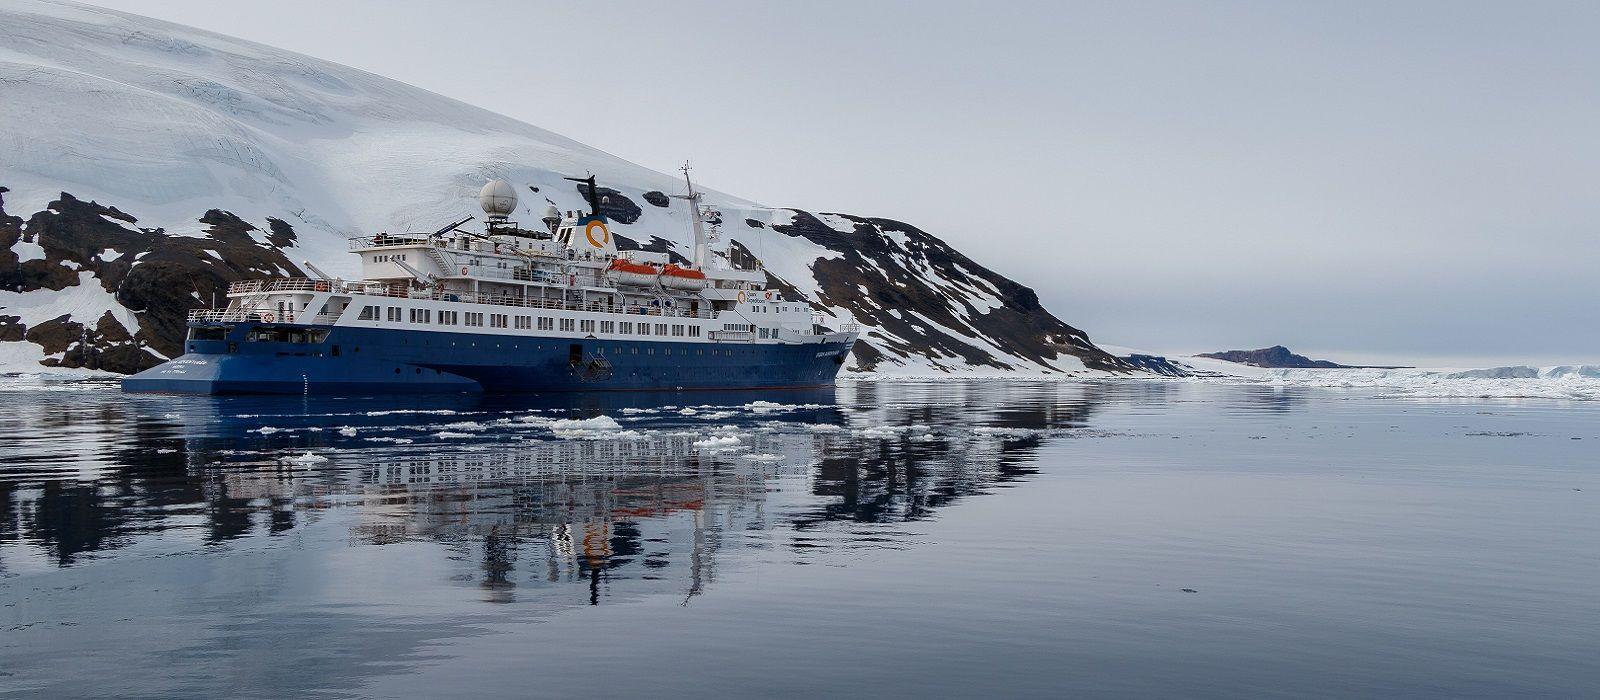 Abenteuer im Südlichen Ozean: Falkland Inseln und Antarktis Urlaub 4